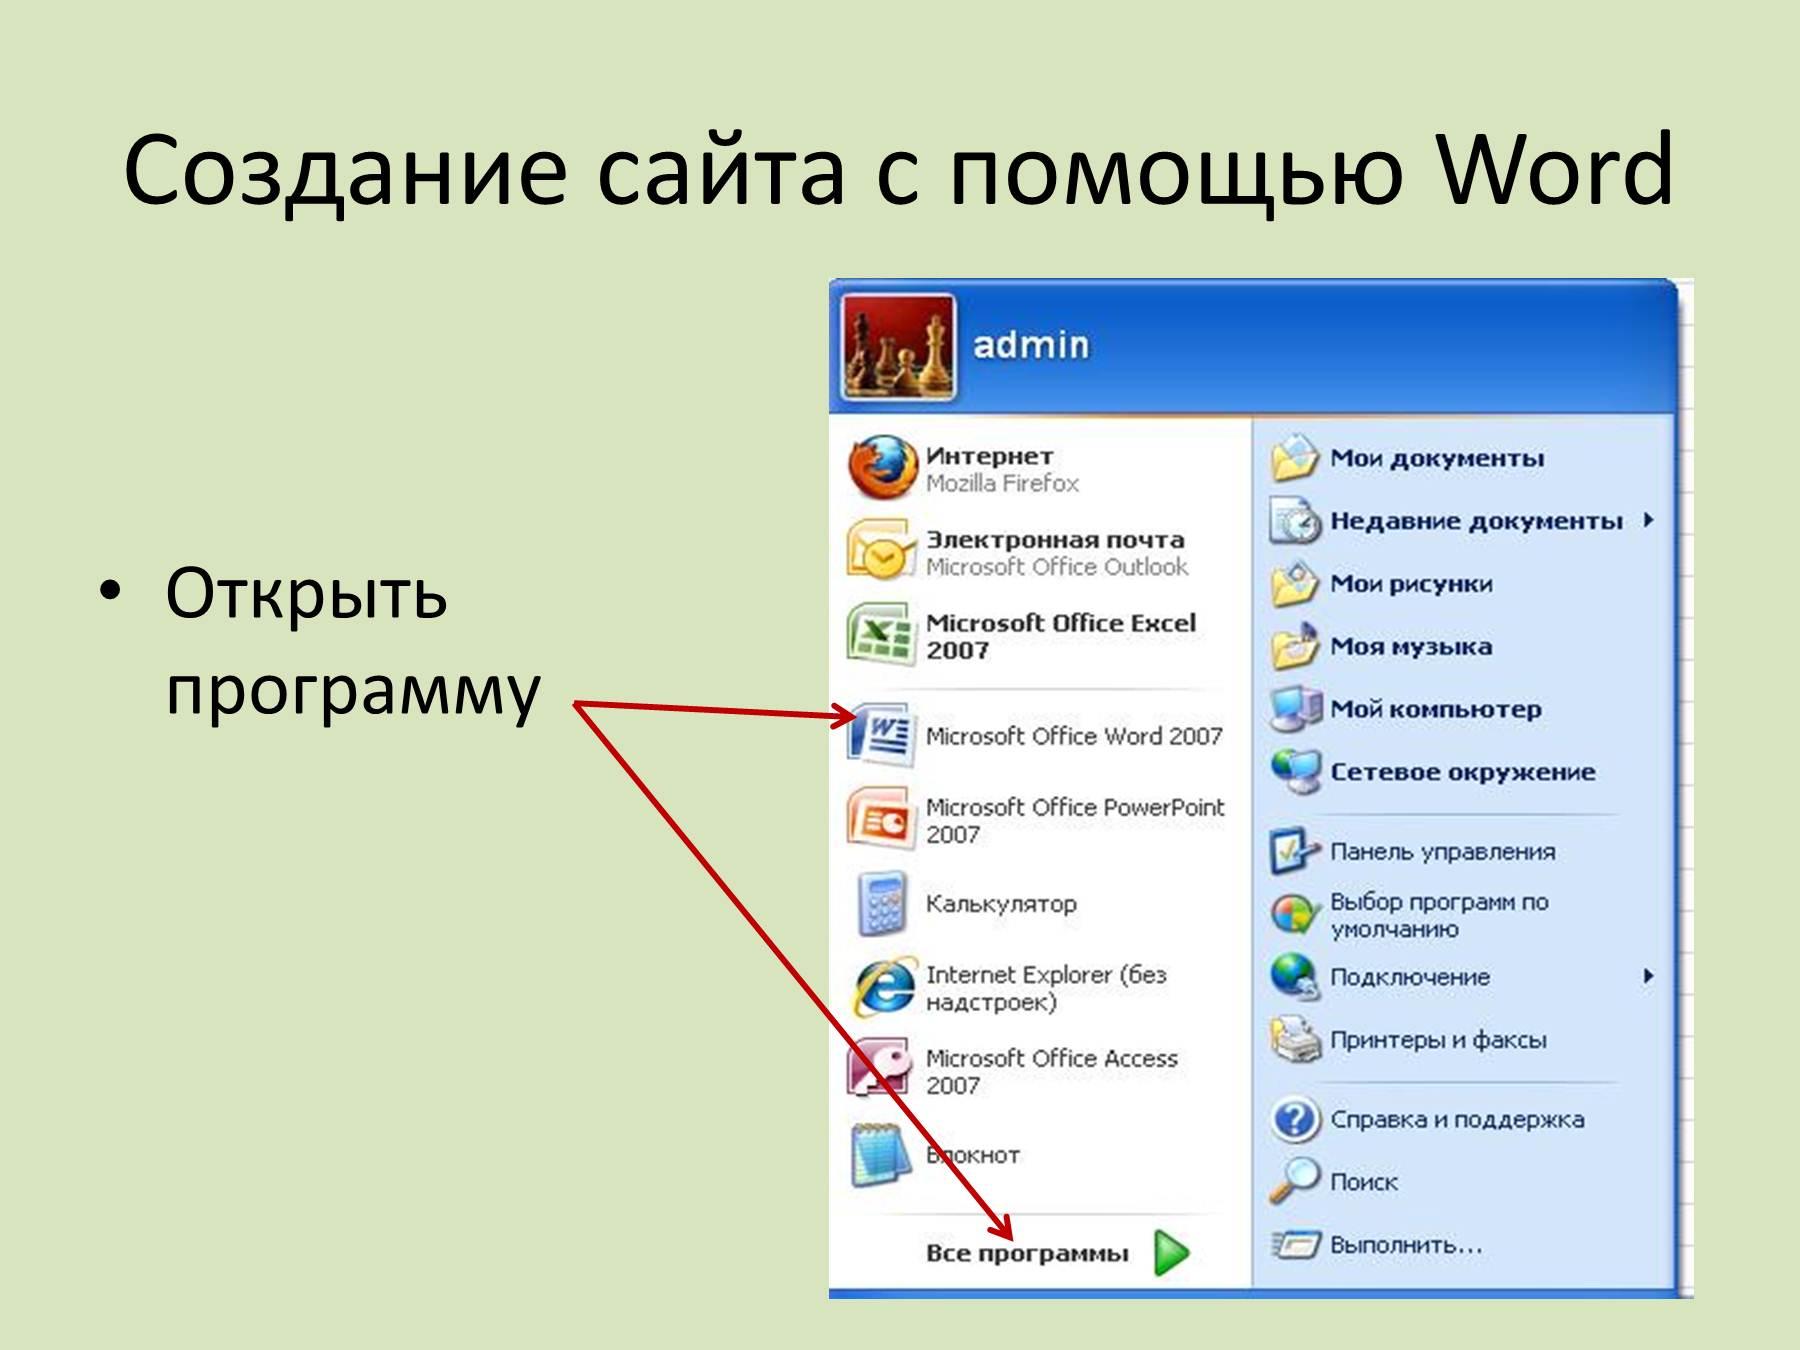 Создание сайта с помощью word размещение html ссылки